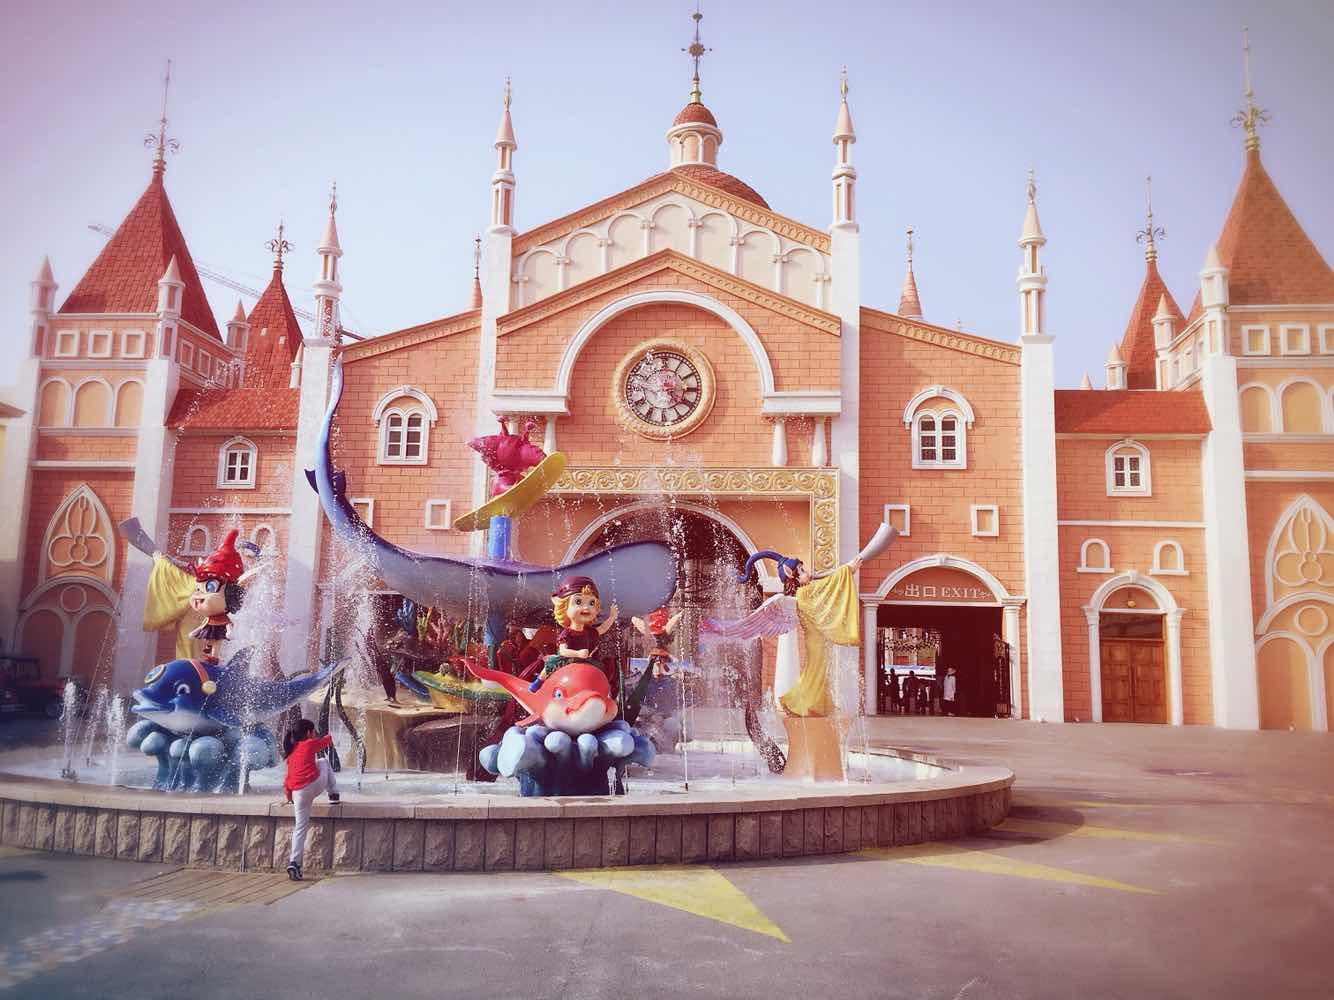 蓬莱欧乐堡梦幻世界